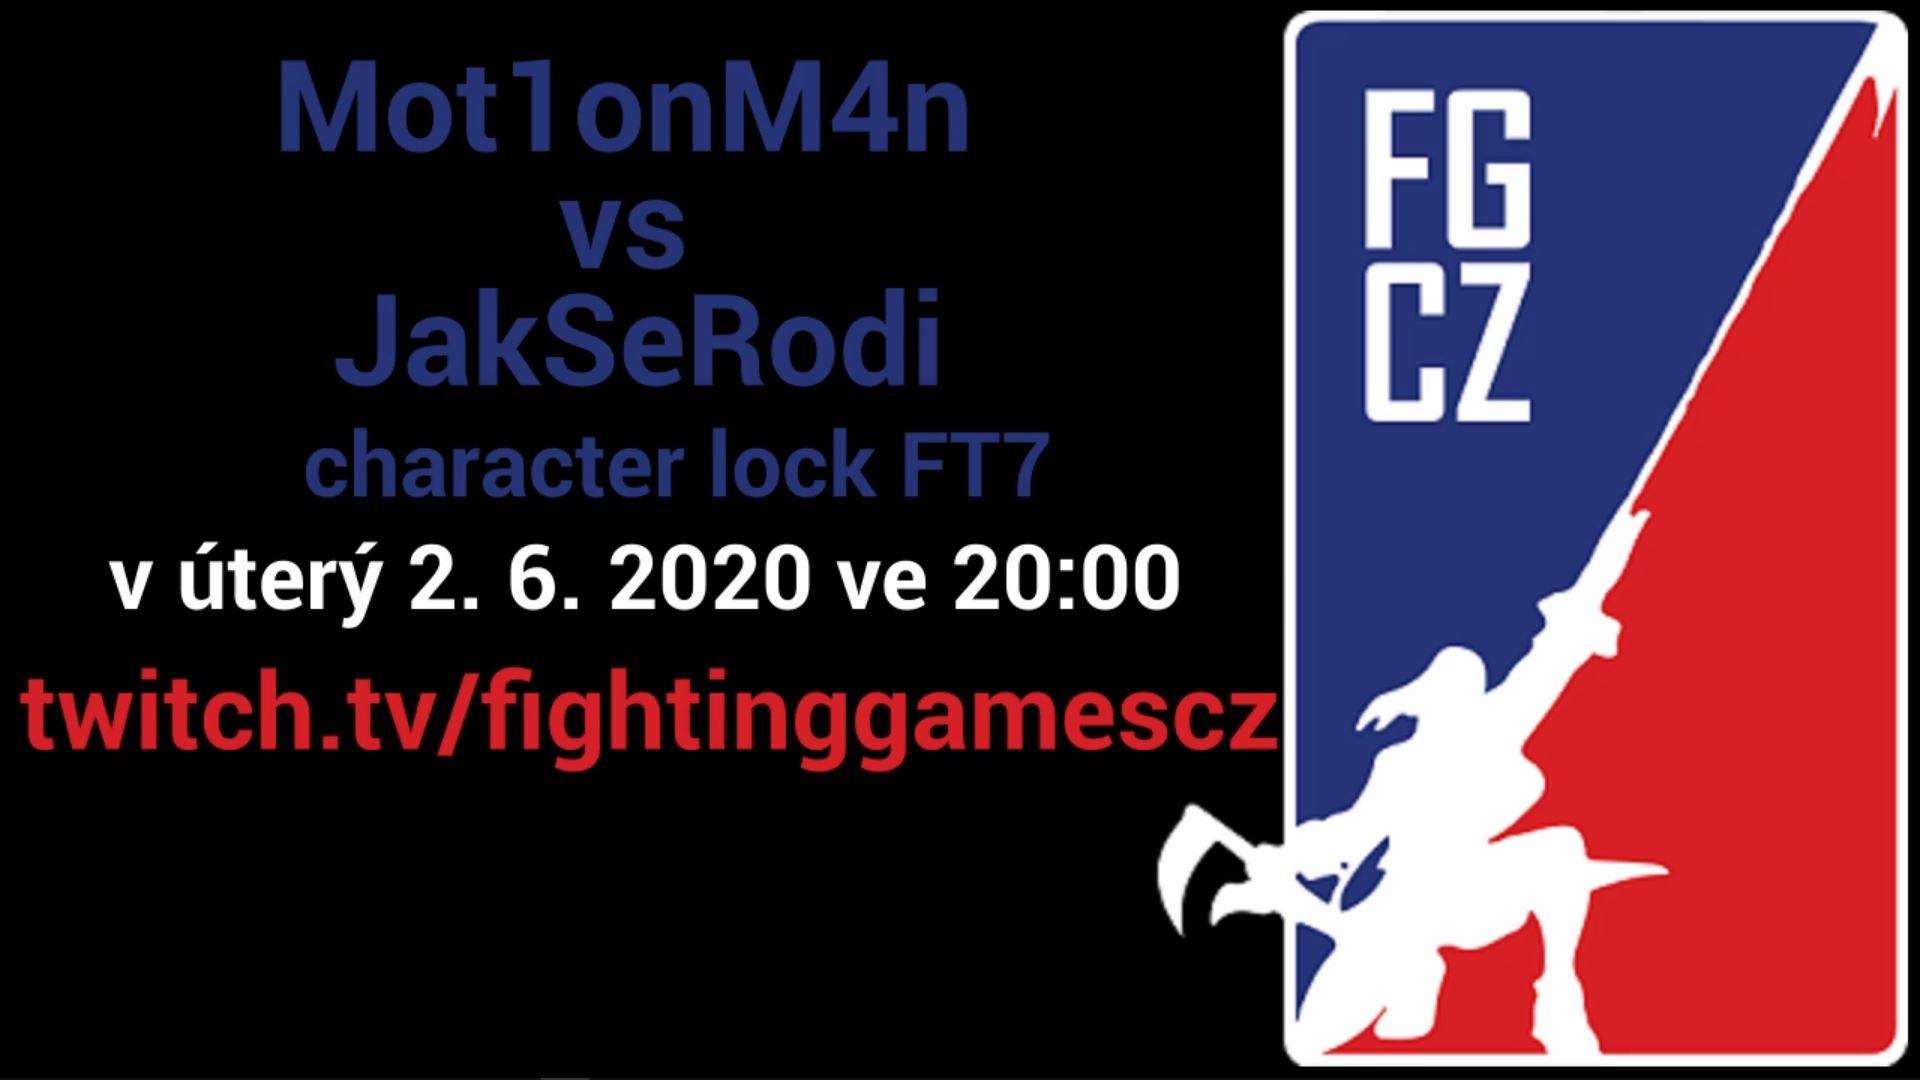 FGCZ Challenge #2: Mot1onM4n vs JackSeRodi